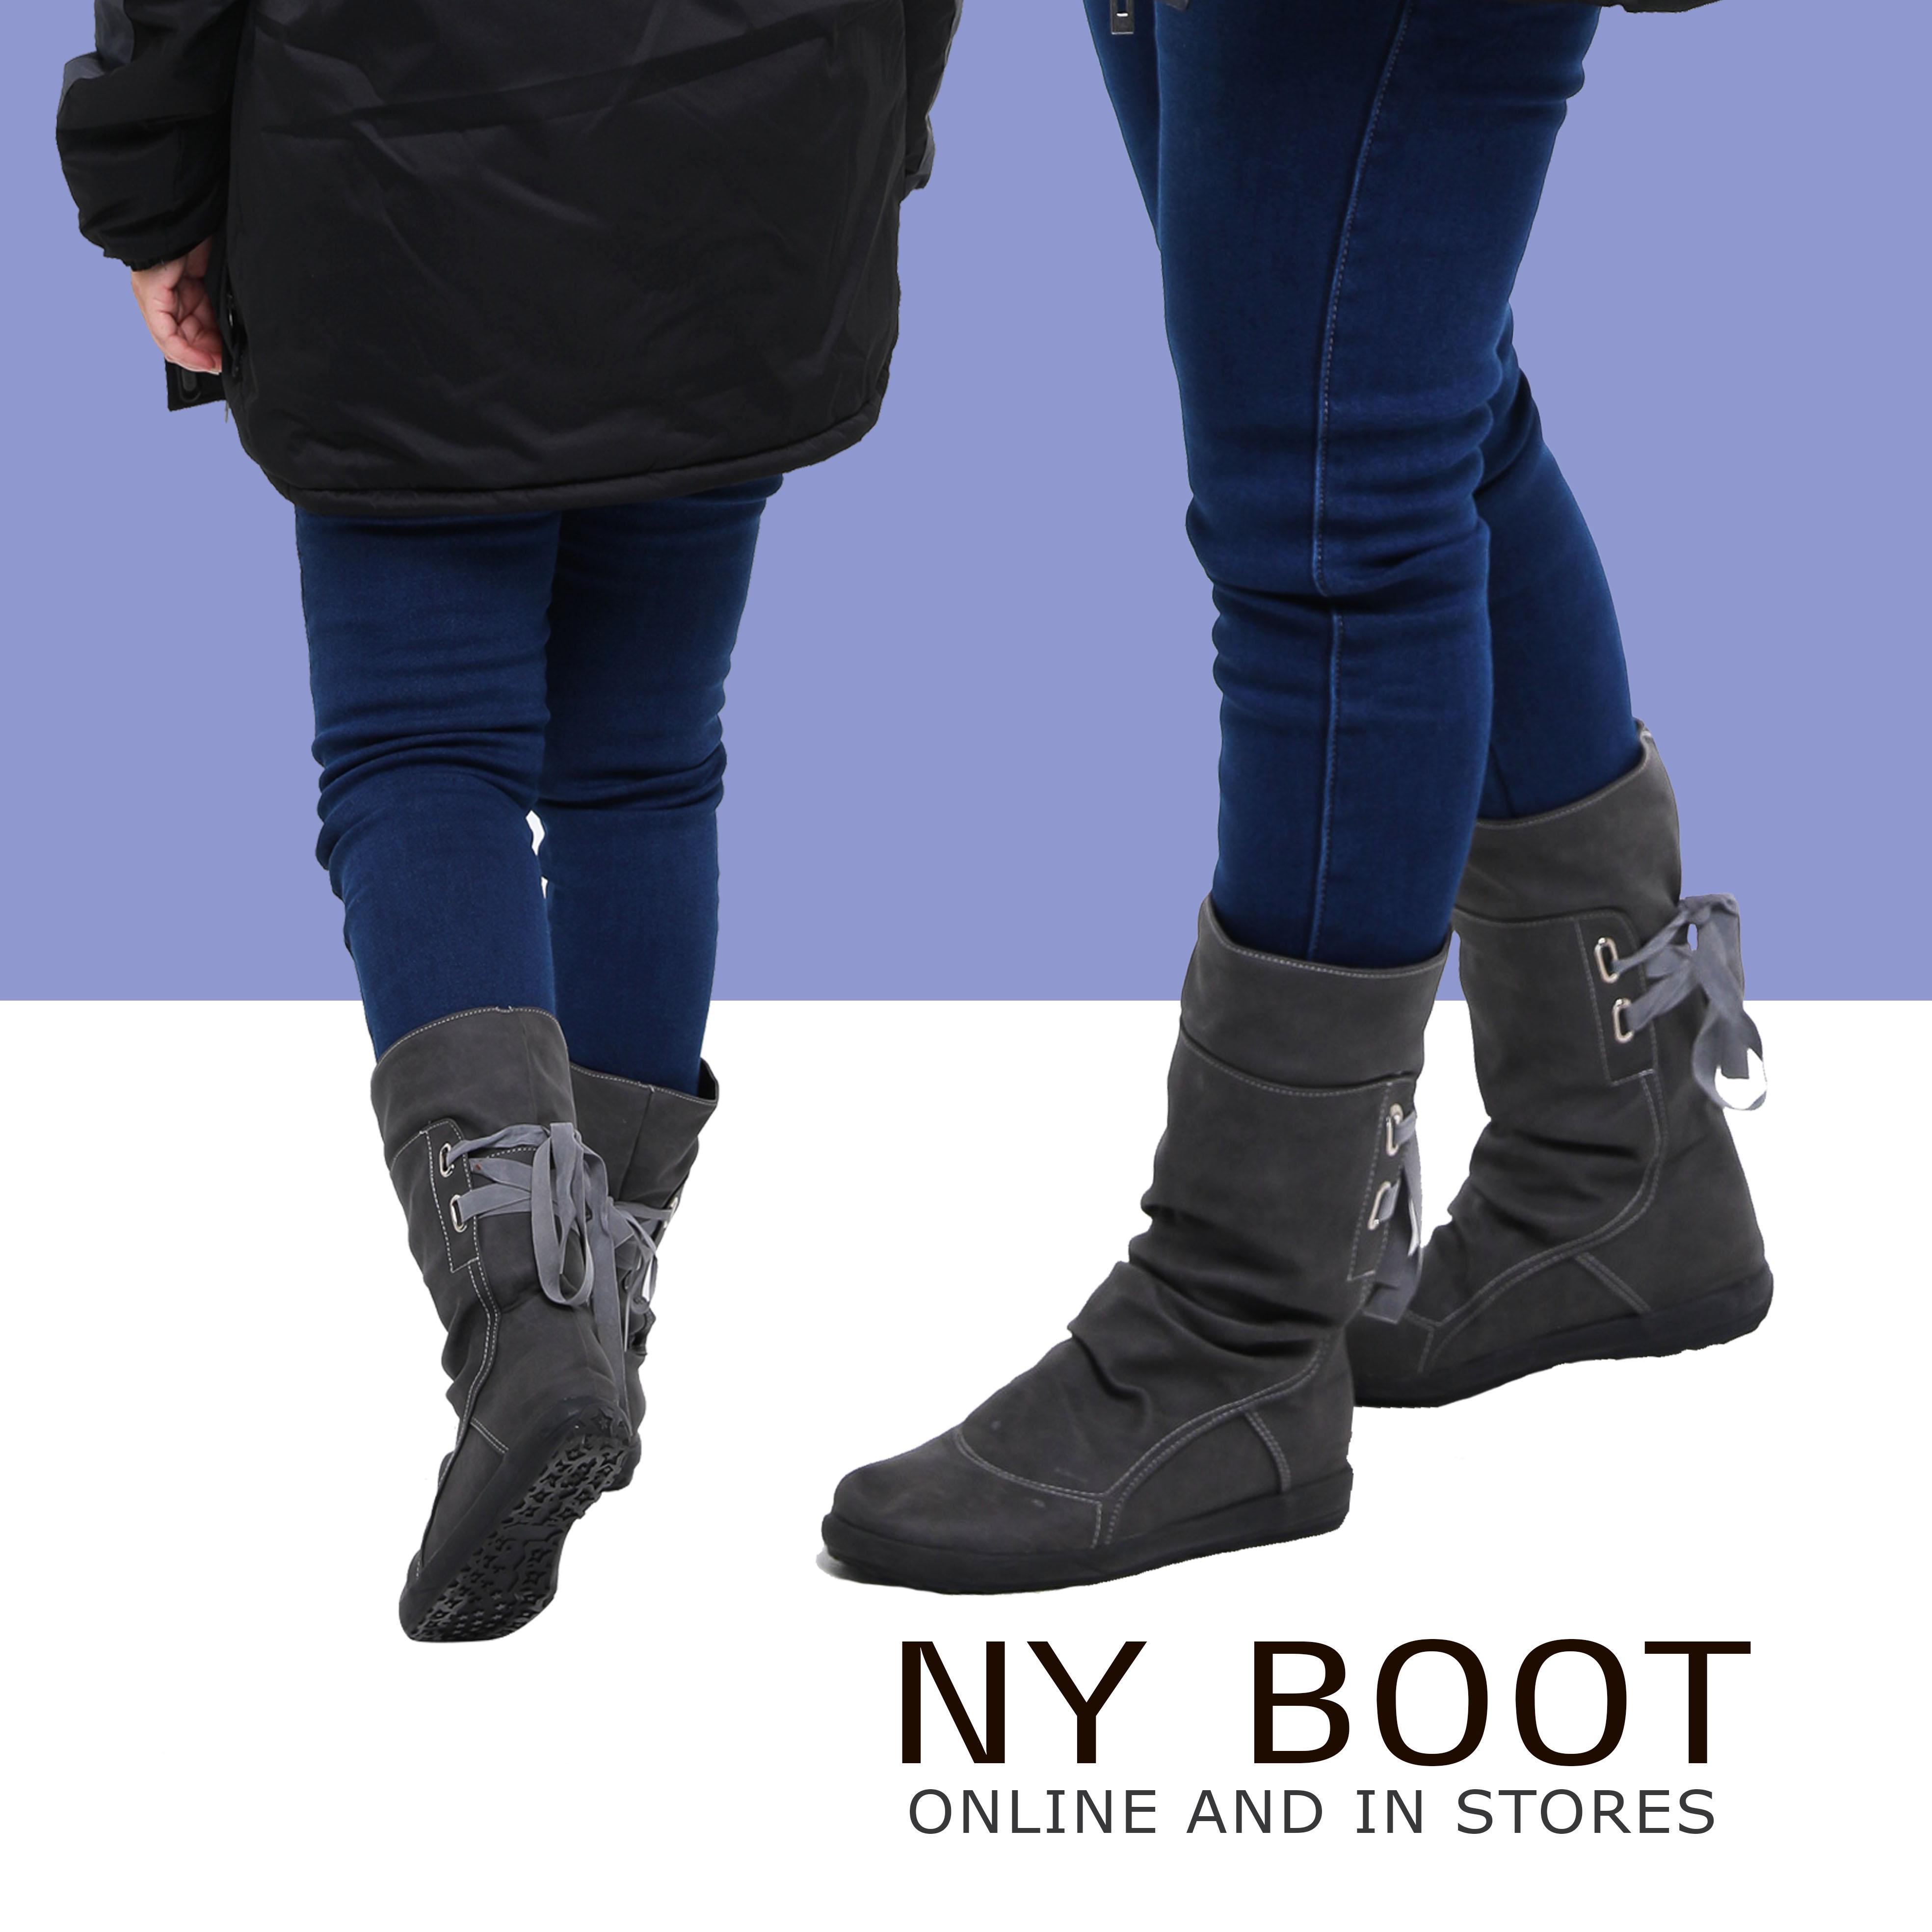 NY BOOTS